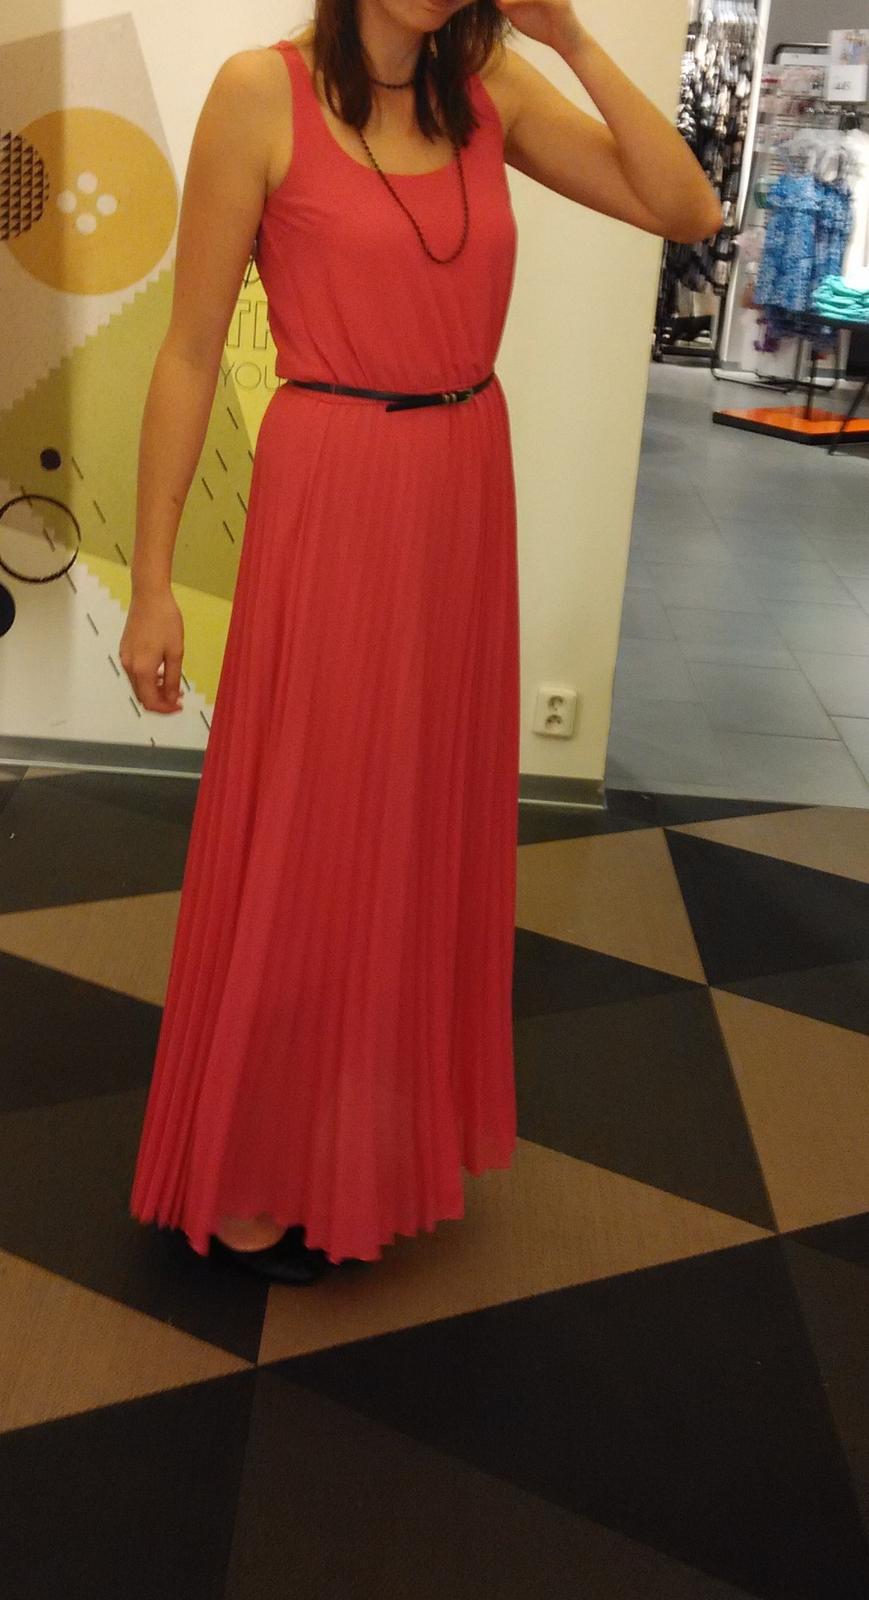 šaty pro svědkyni - Obrázek č. 1